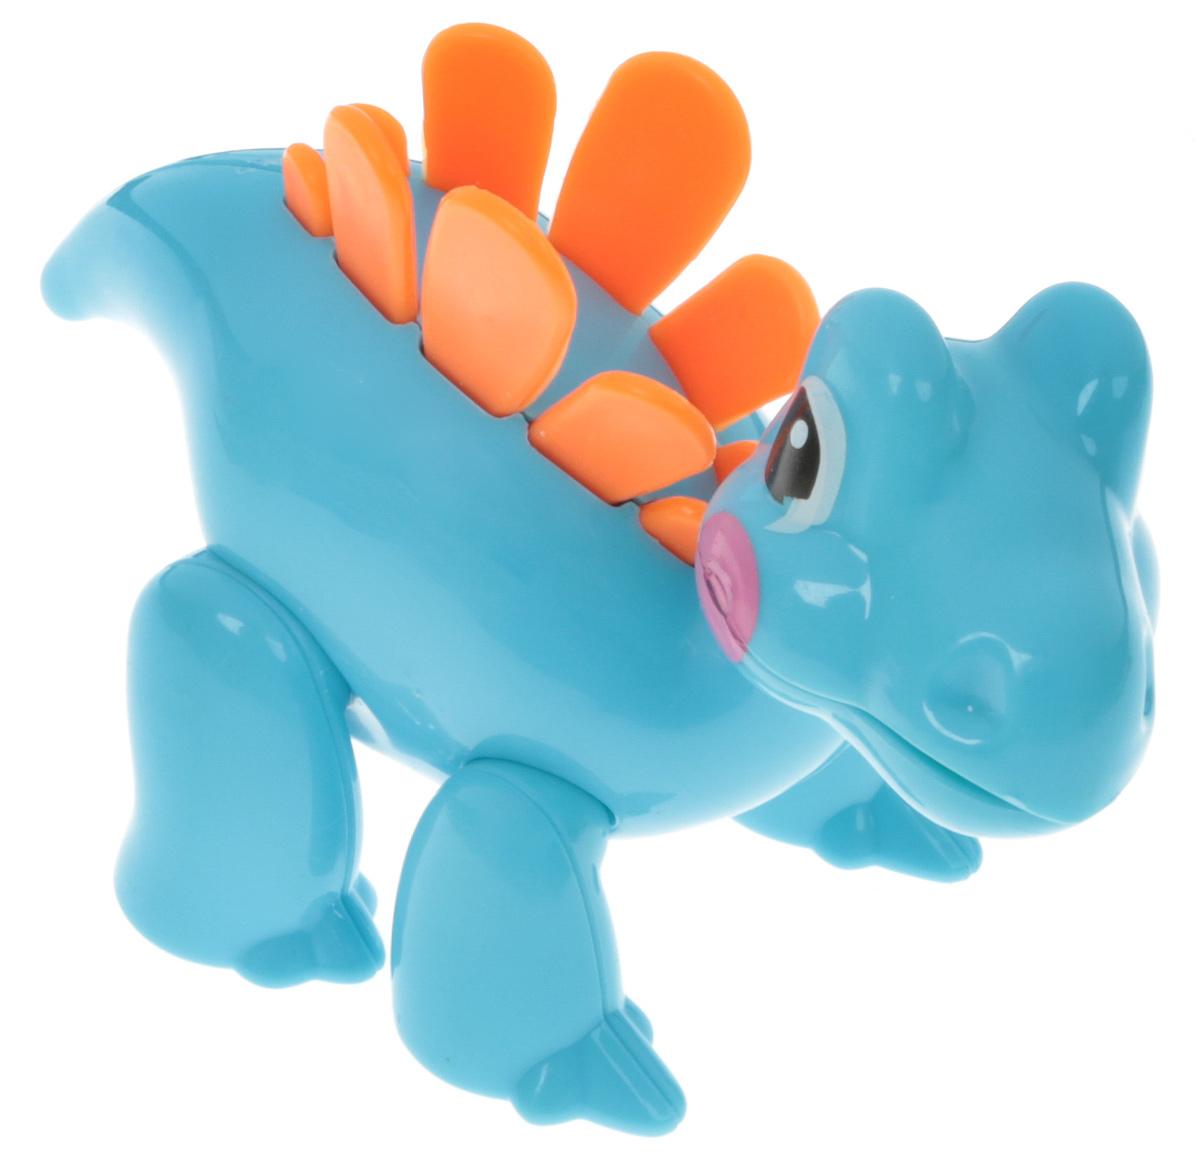 Ути Пути Игрушка-фигурка Динозавр цвет голубой оранжевый halloween natural rubber bald ghost mask red white